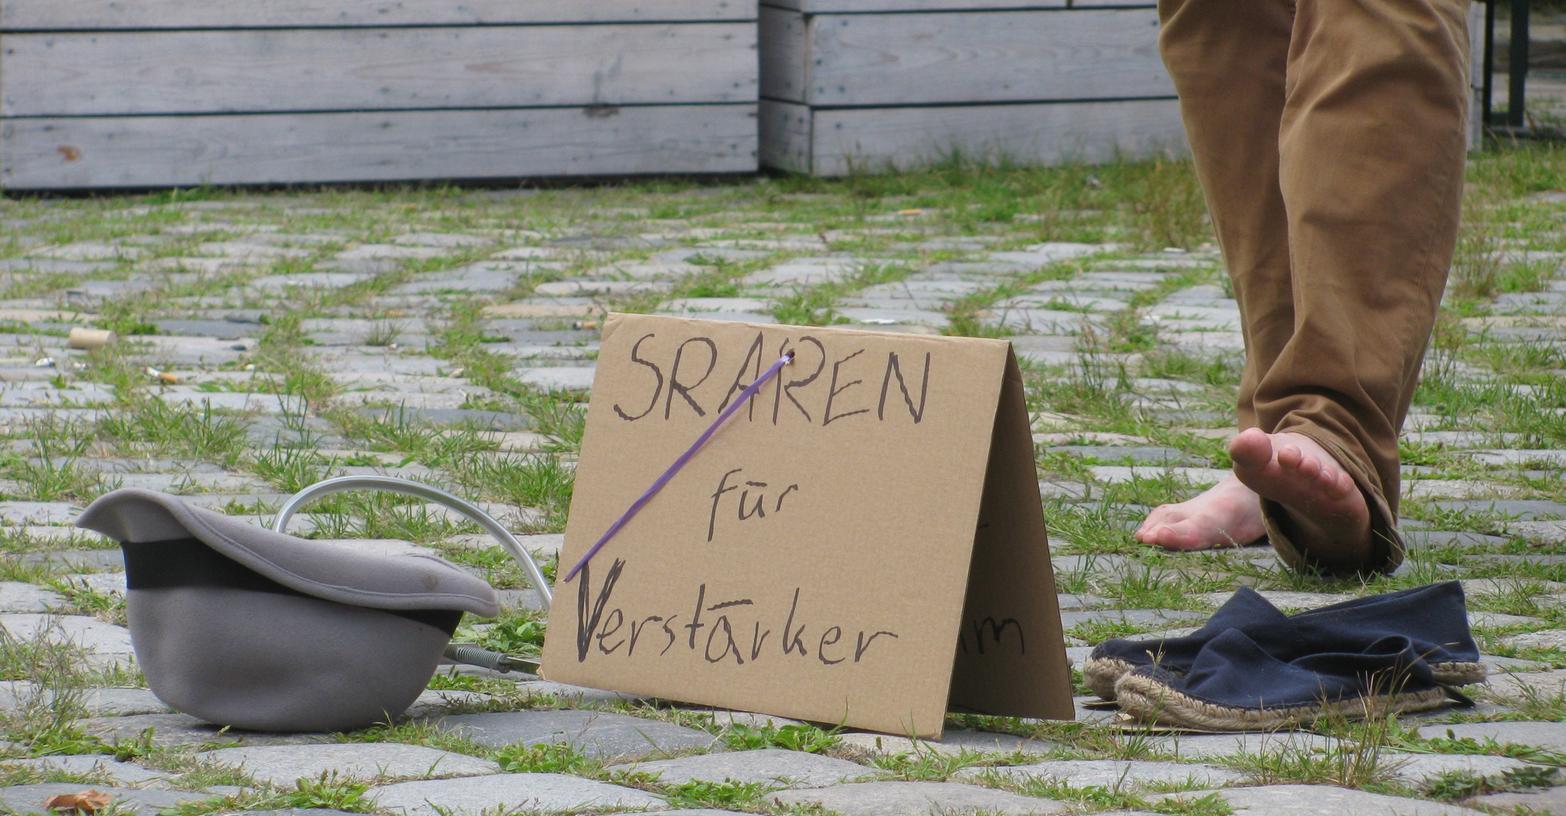 Ein Verstärker auch noch? In Nürnberg sind die für Straßenmusiker verboten. Anwohner finden: Das ist gut so.